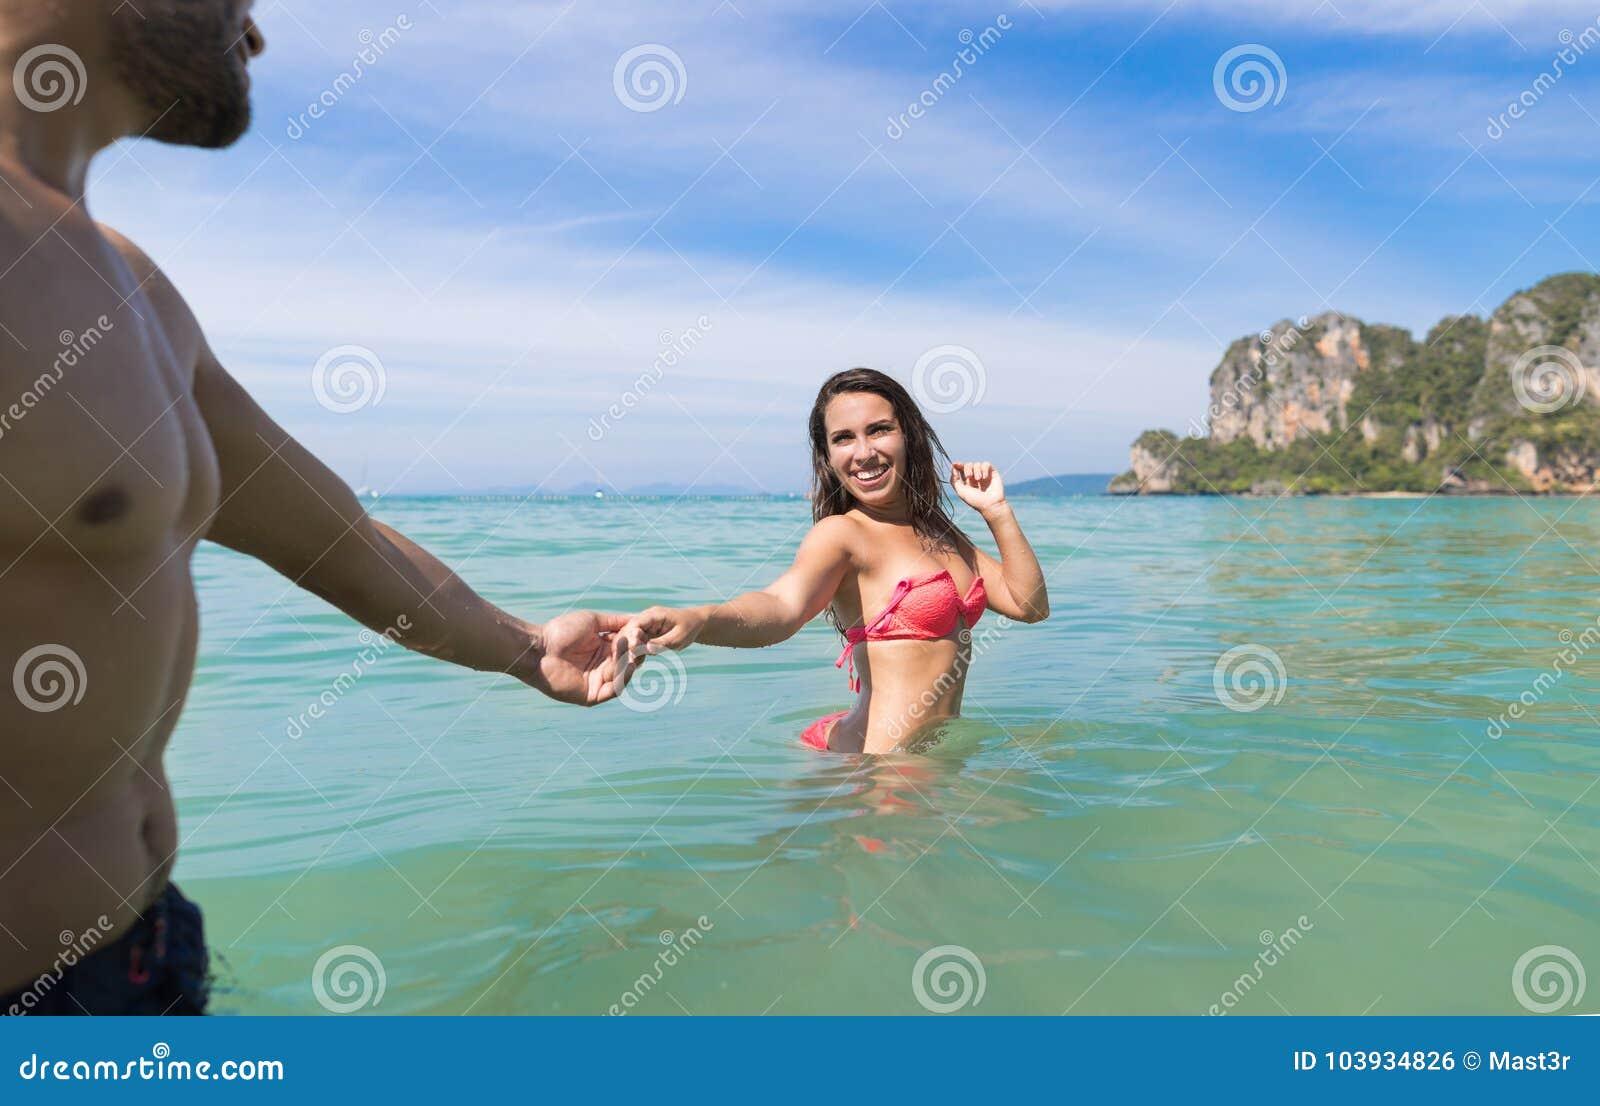 30bcf3ac6 Pares em férias de verão da praia, jovens na água, mulher que guarda o  curso do feriado do oceano do mar da mão do homem